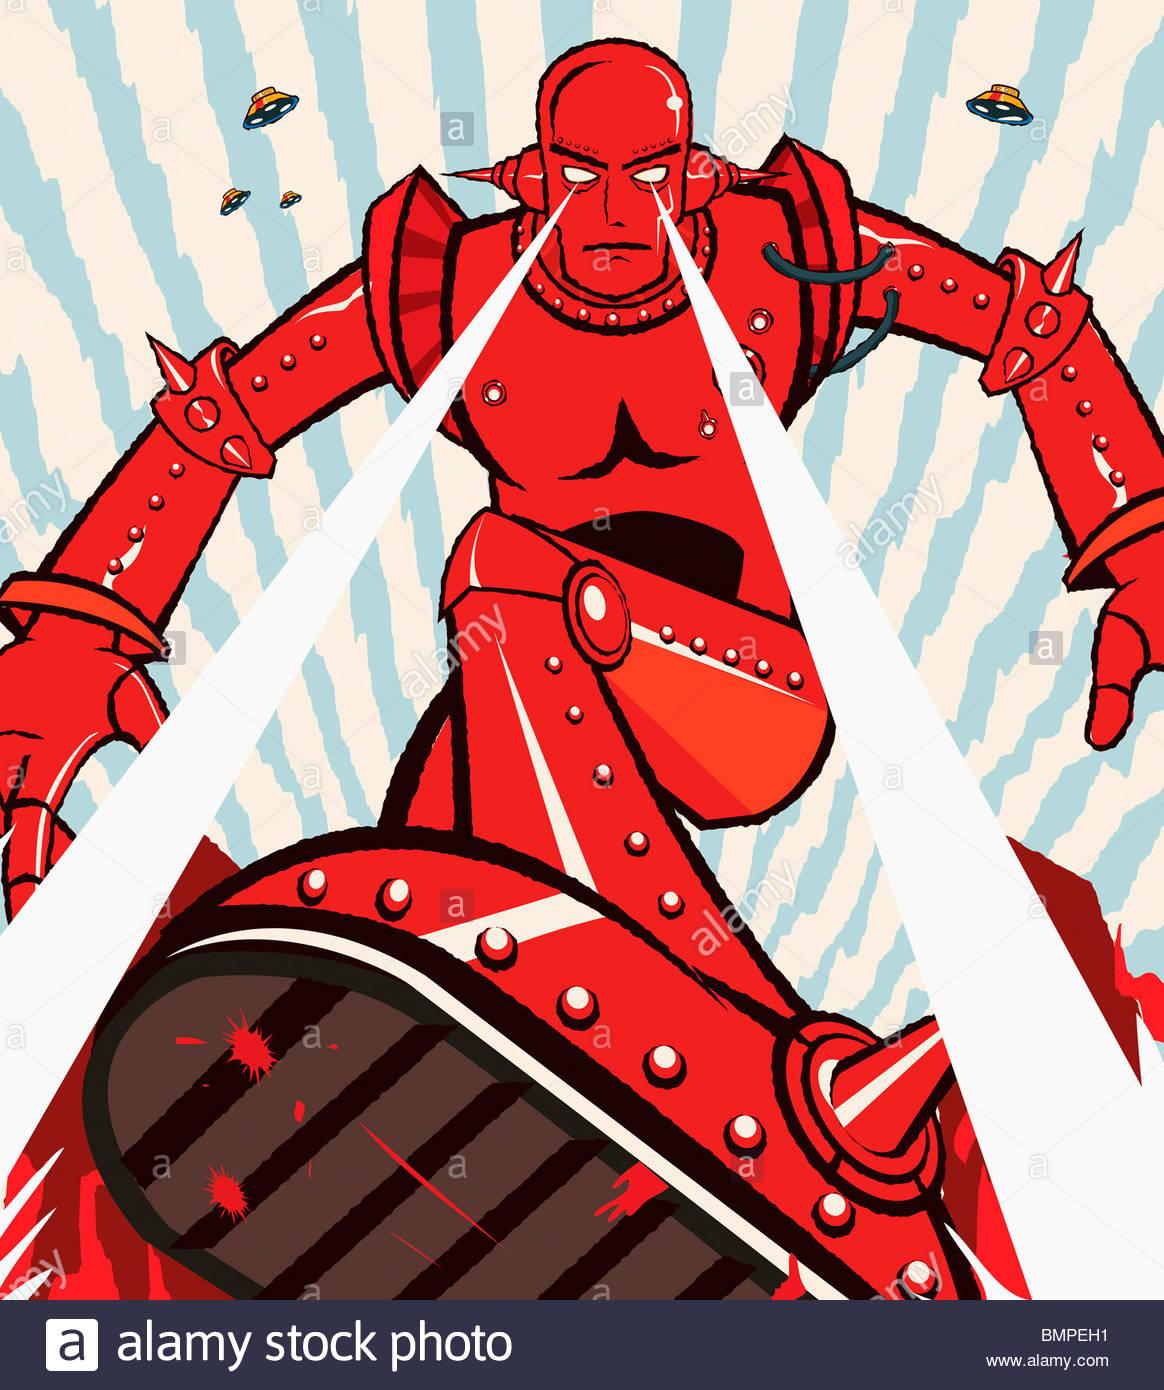 Robot rouge attaque avec des chevrons de yeux Photo Stock